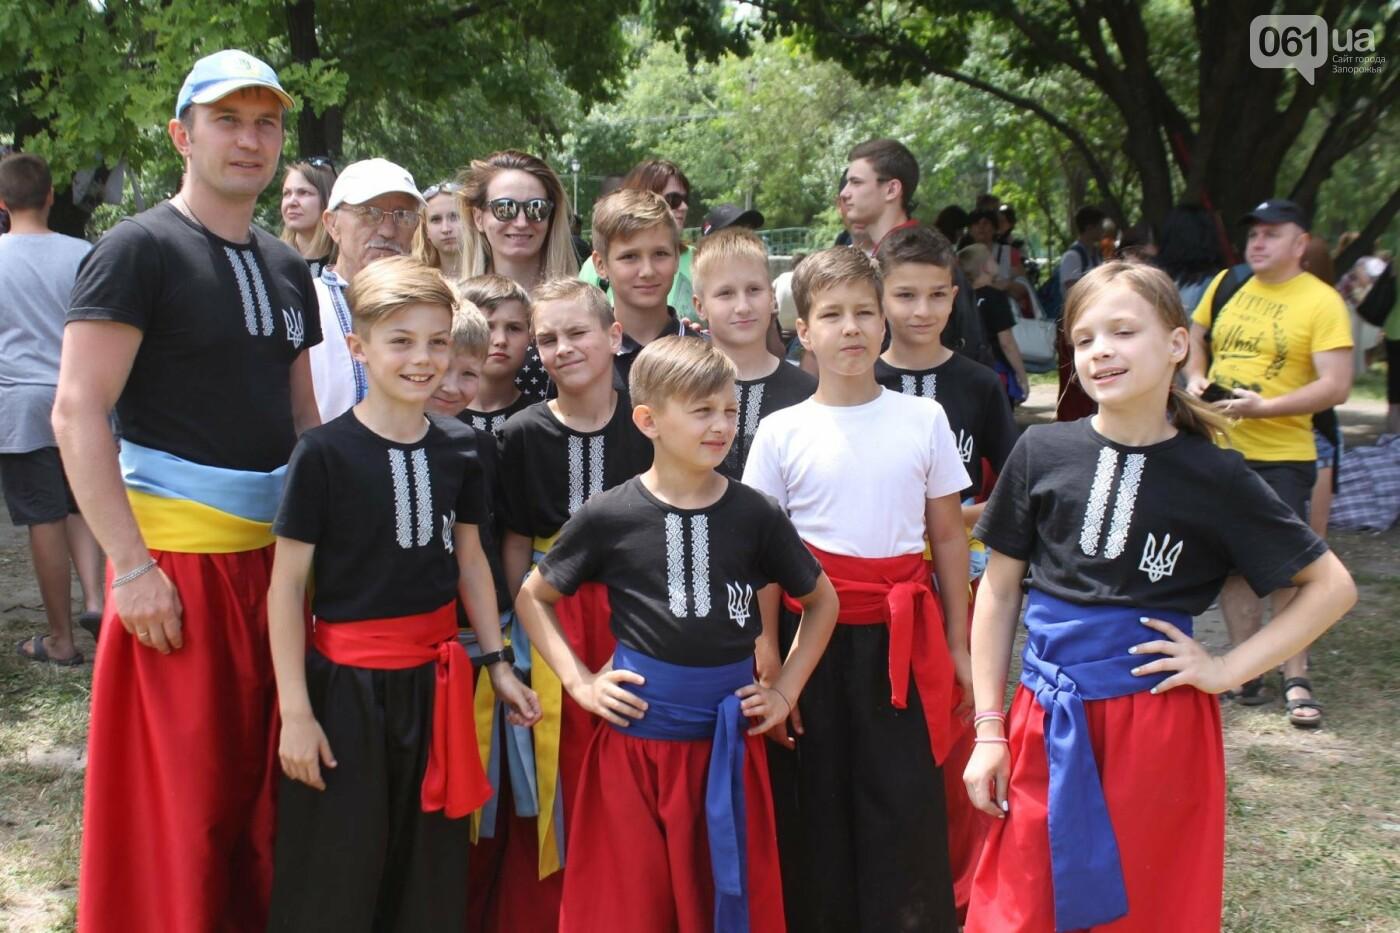 «Лава на лаву», борьба на поясах и ярмарка вышиванок: как в Запорожье прошли всеукраинские казацкие игры, – ФОТОРЕПОРТАЖ, фото-38